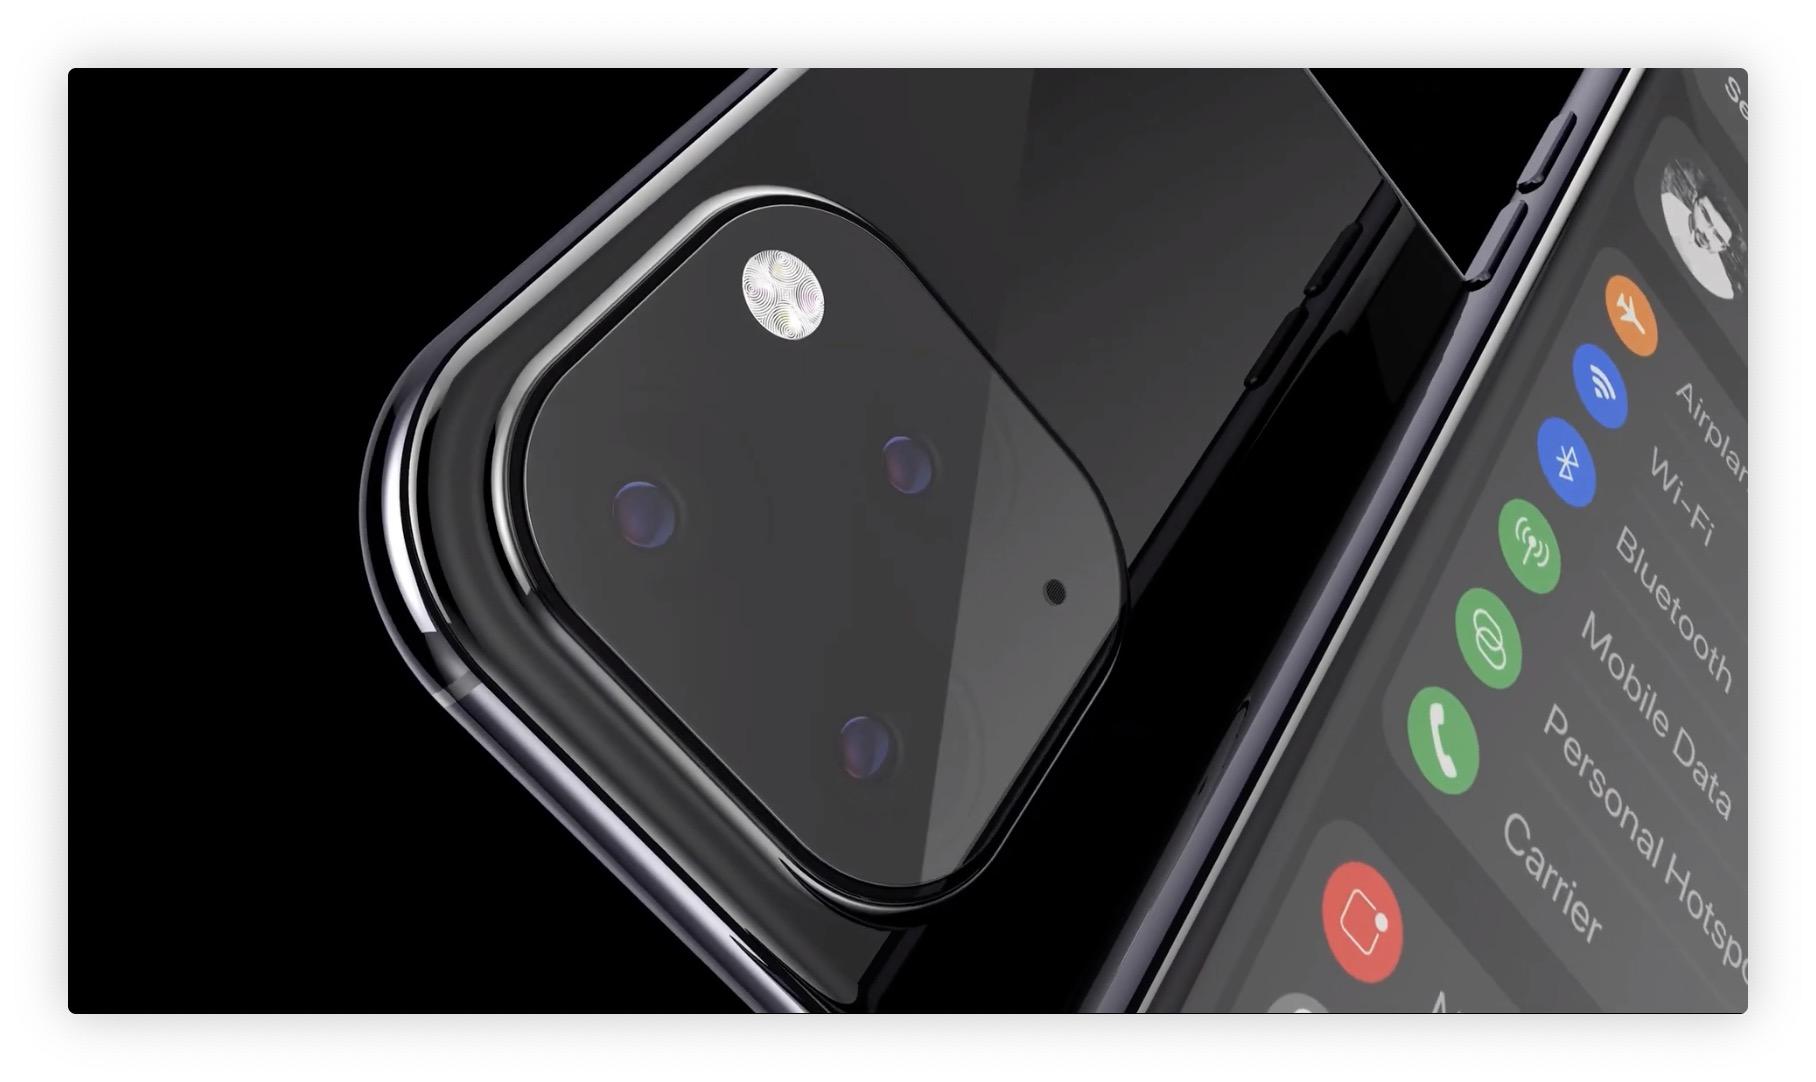 Nouveau concept 3D en vidéo pour imaginer les iPhone 2019 avec mode sombre et autres changements 1